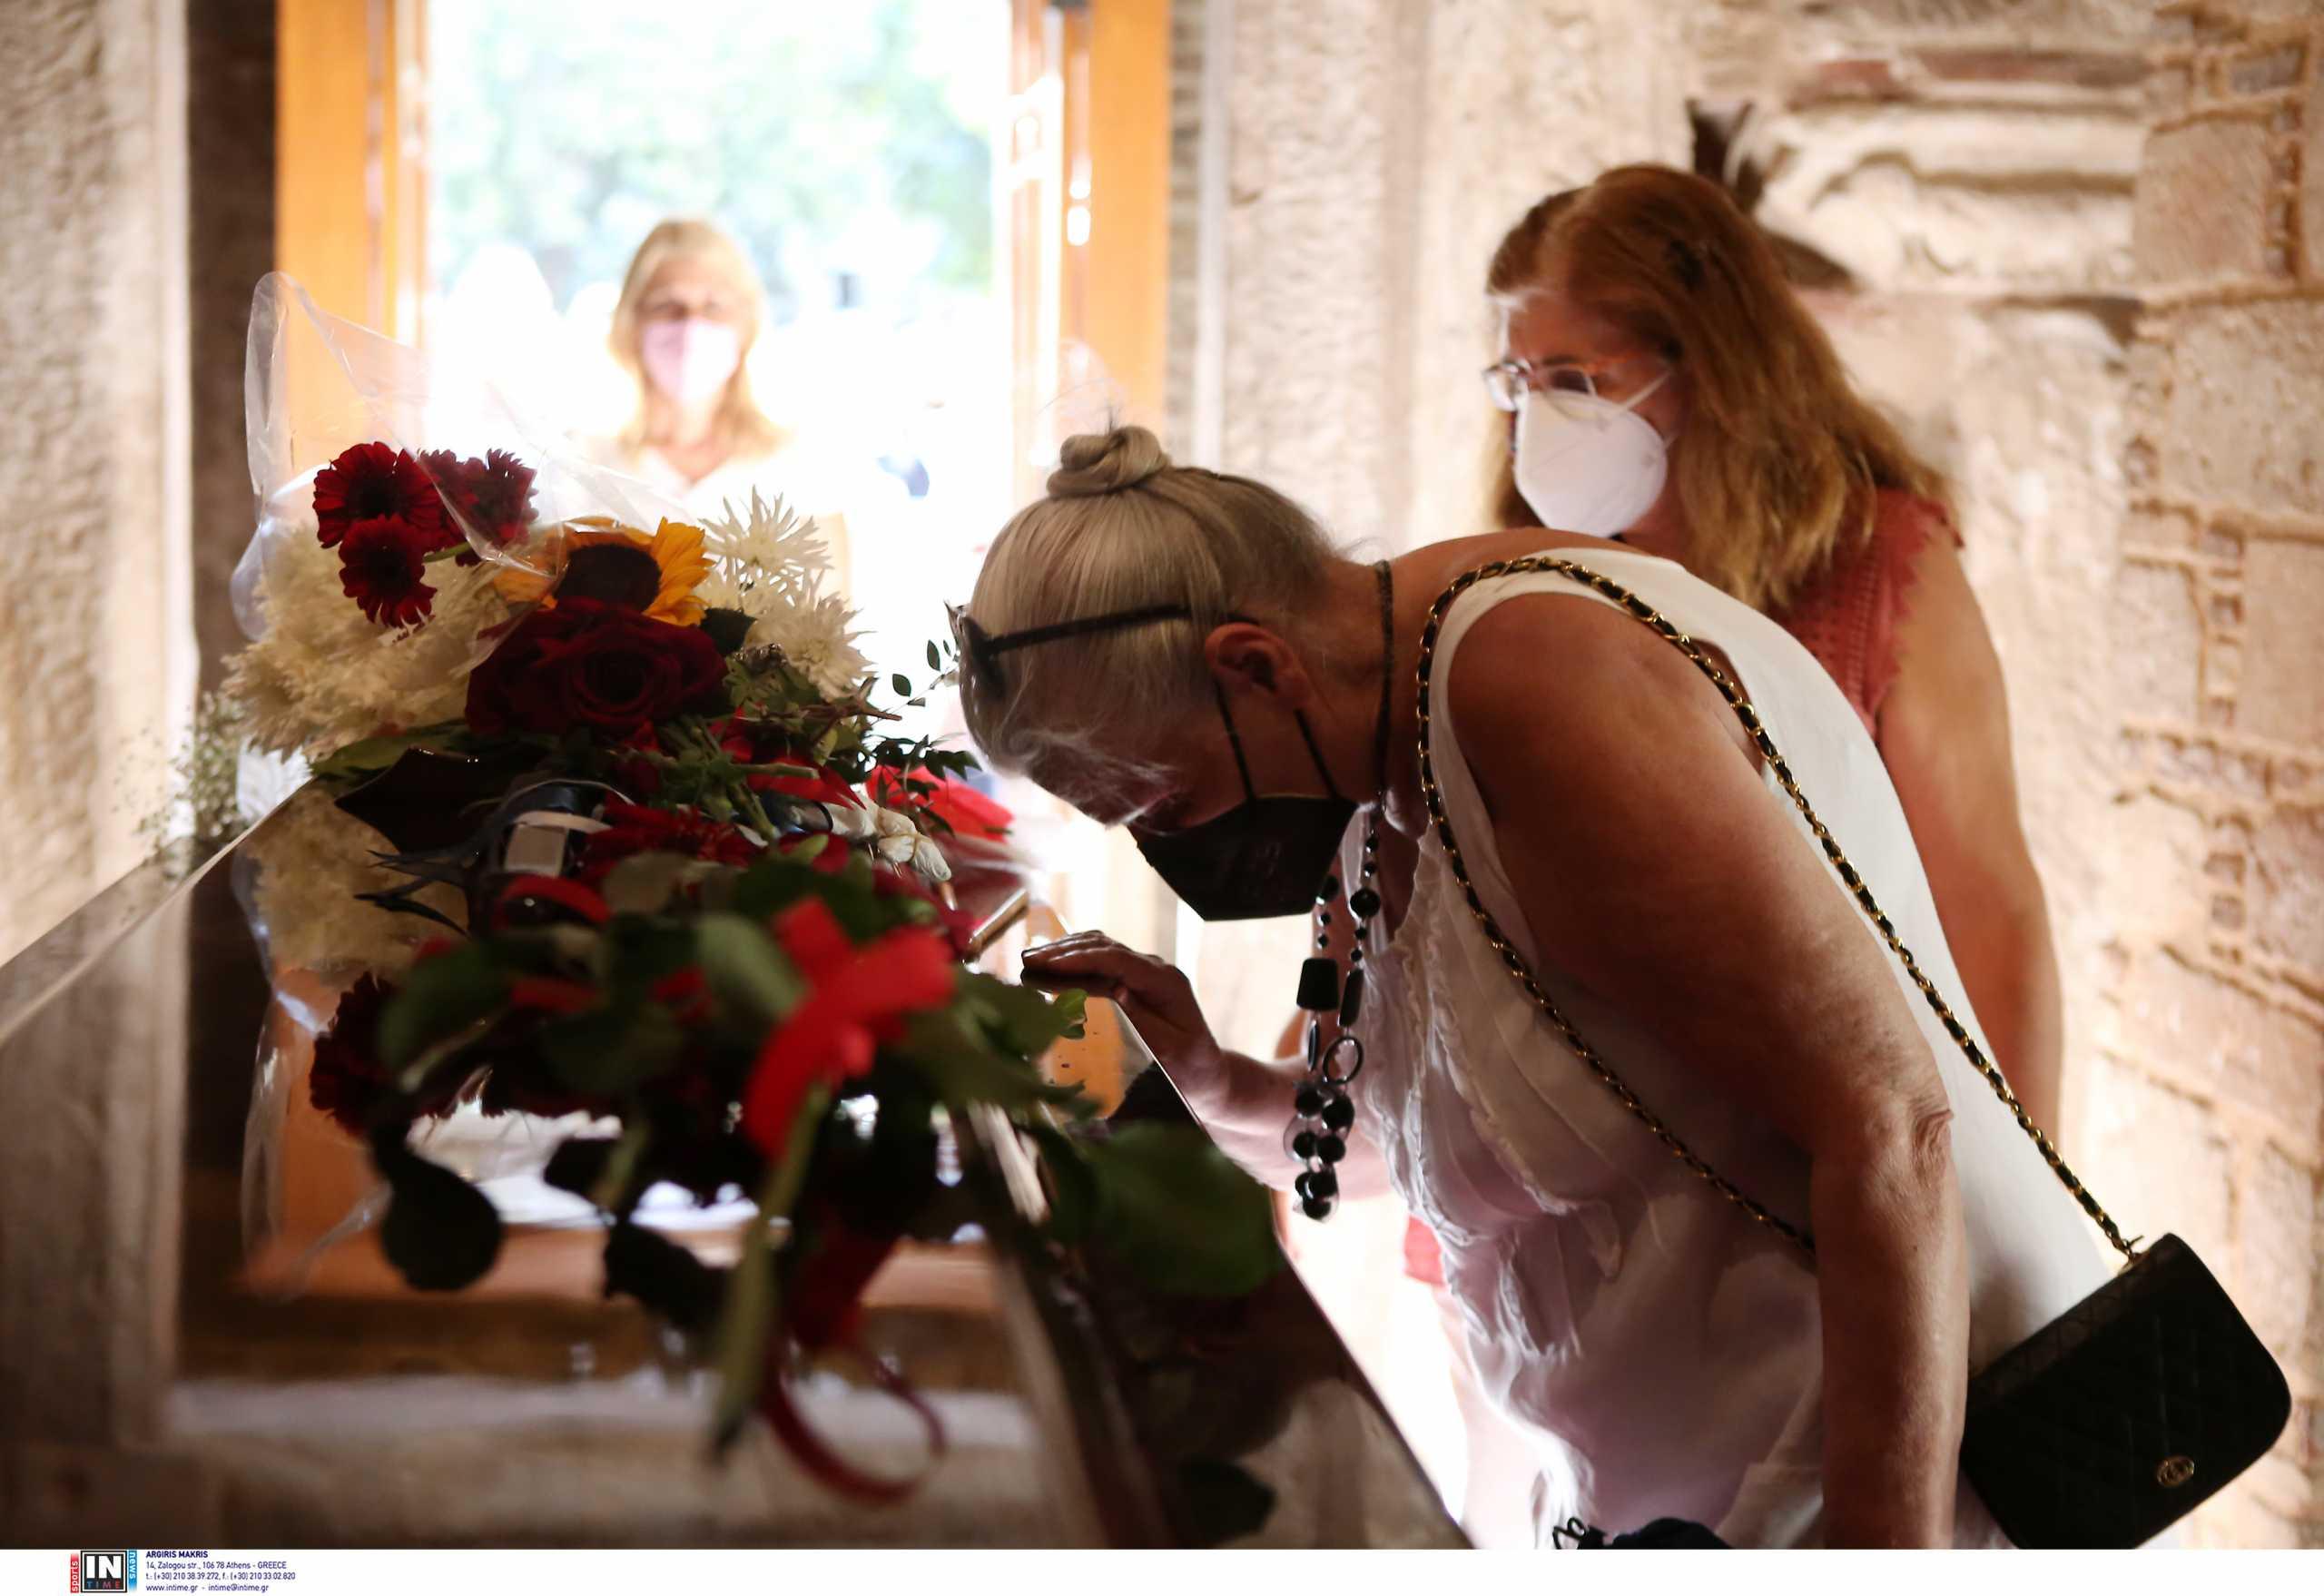 Μίκης Θεοδωράκης – λαϊκό προσκύνημα: Λουλούδια, τραγούδια και «Ζορμπάς» την πρώτη μέρα